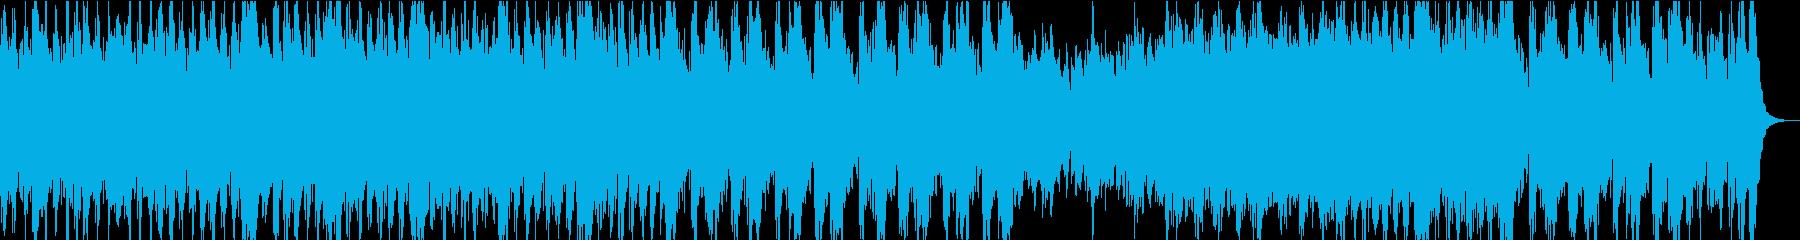 和風オーケストラ日本の祭⑤弦楽と太鼓のみの再生済みの波形